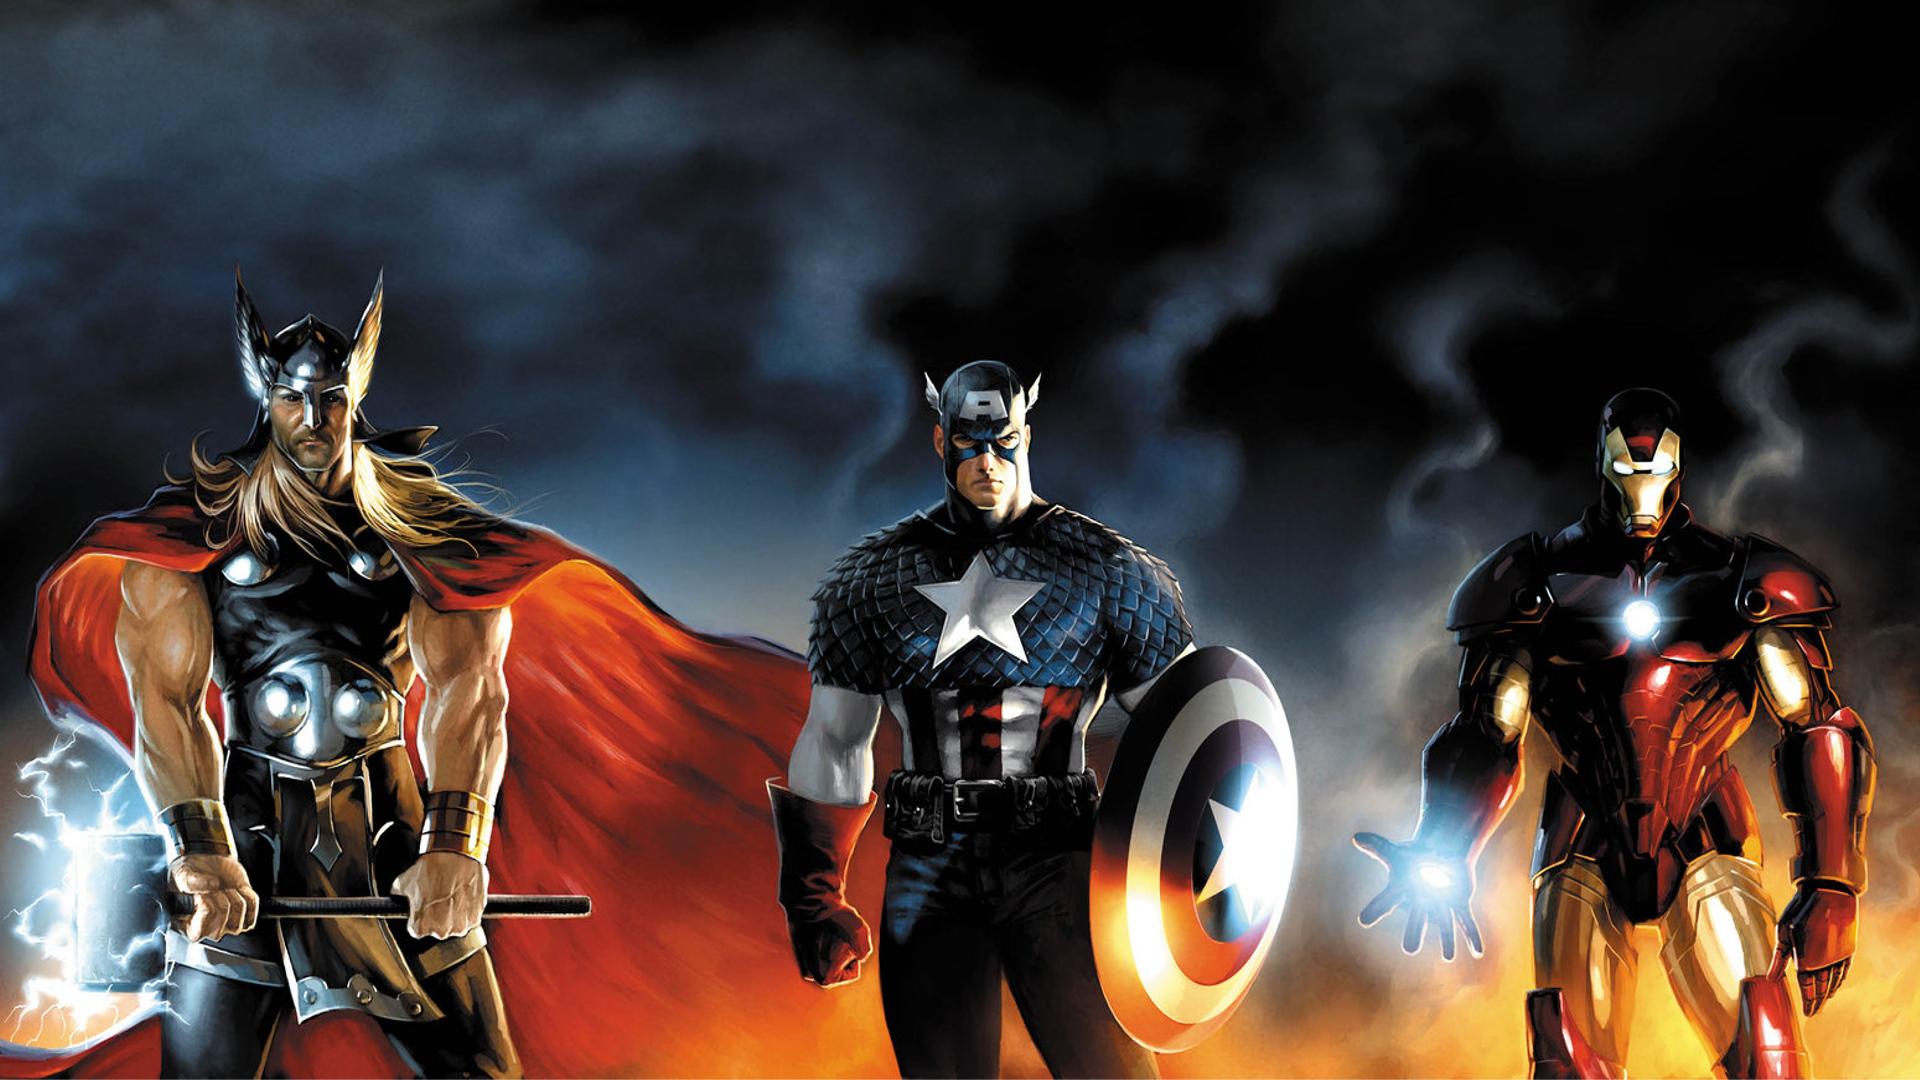 superheroes marvelics HD Wallpaper   HD Wallpaper HD Wallpaper 1920x1080